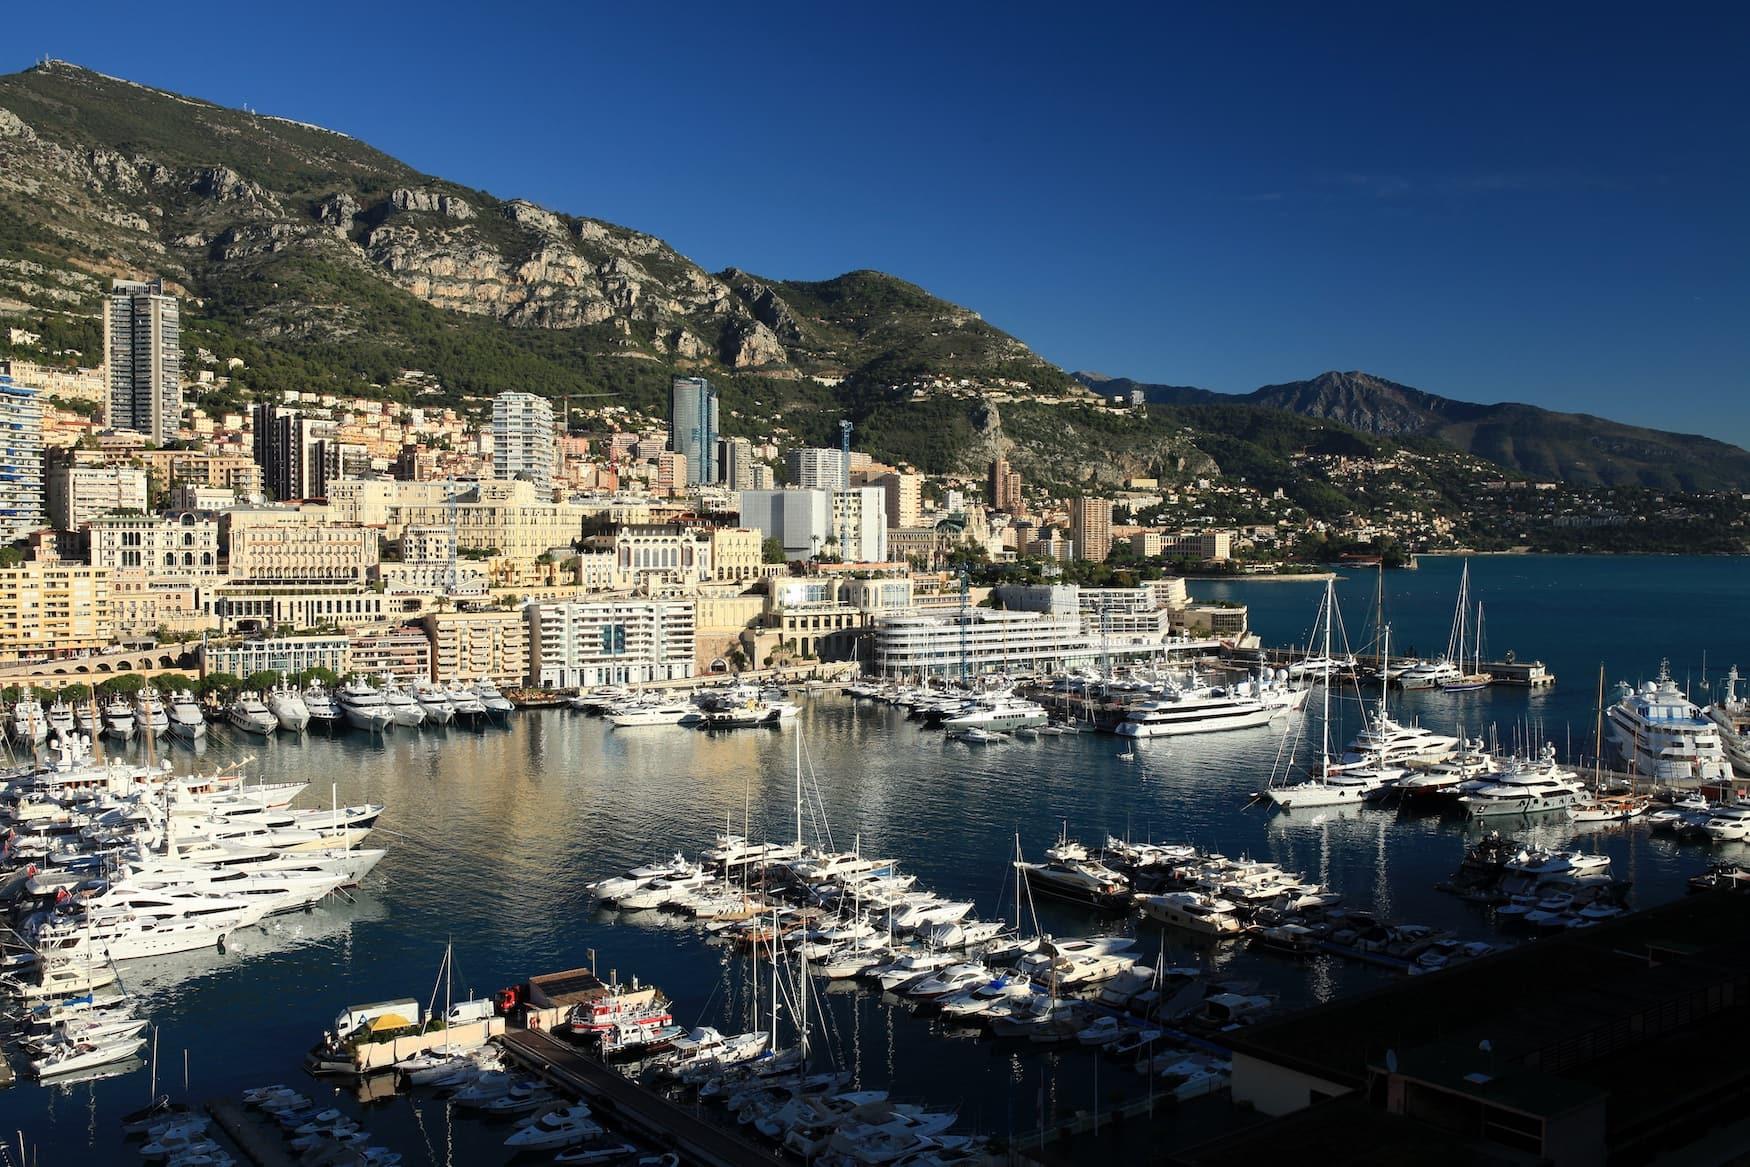 Hafen in Monaco, in dem die Yachten liegen